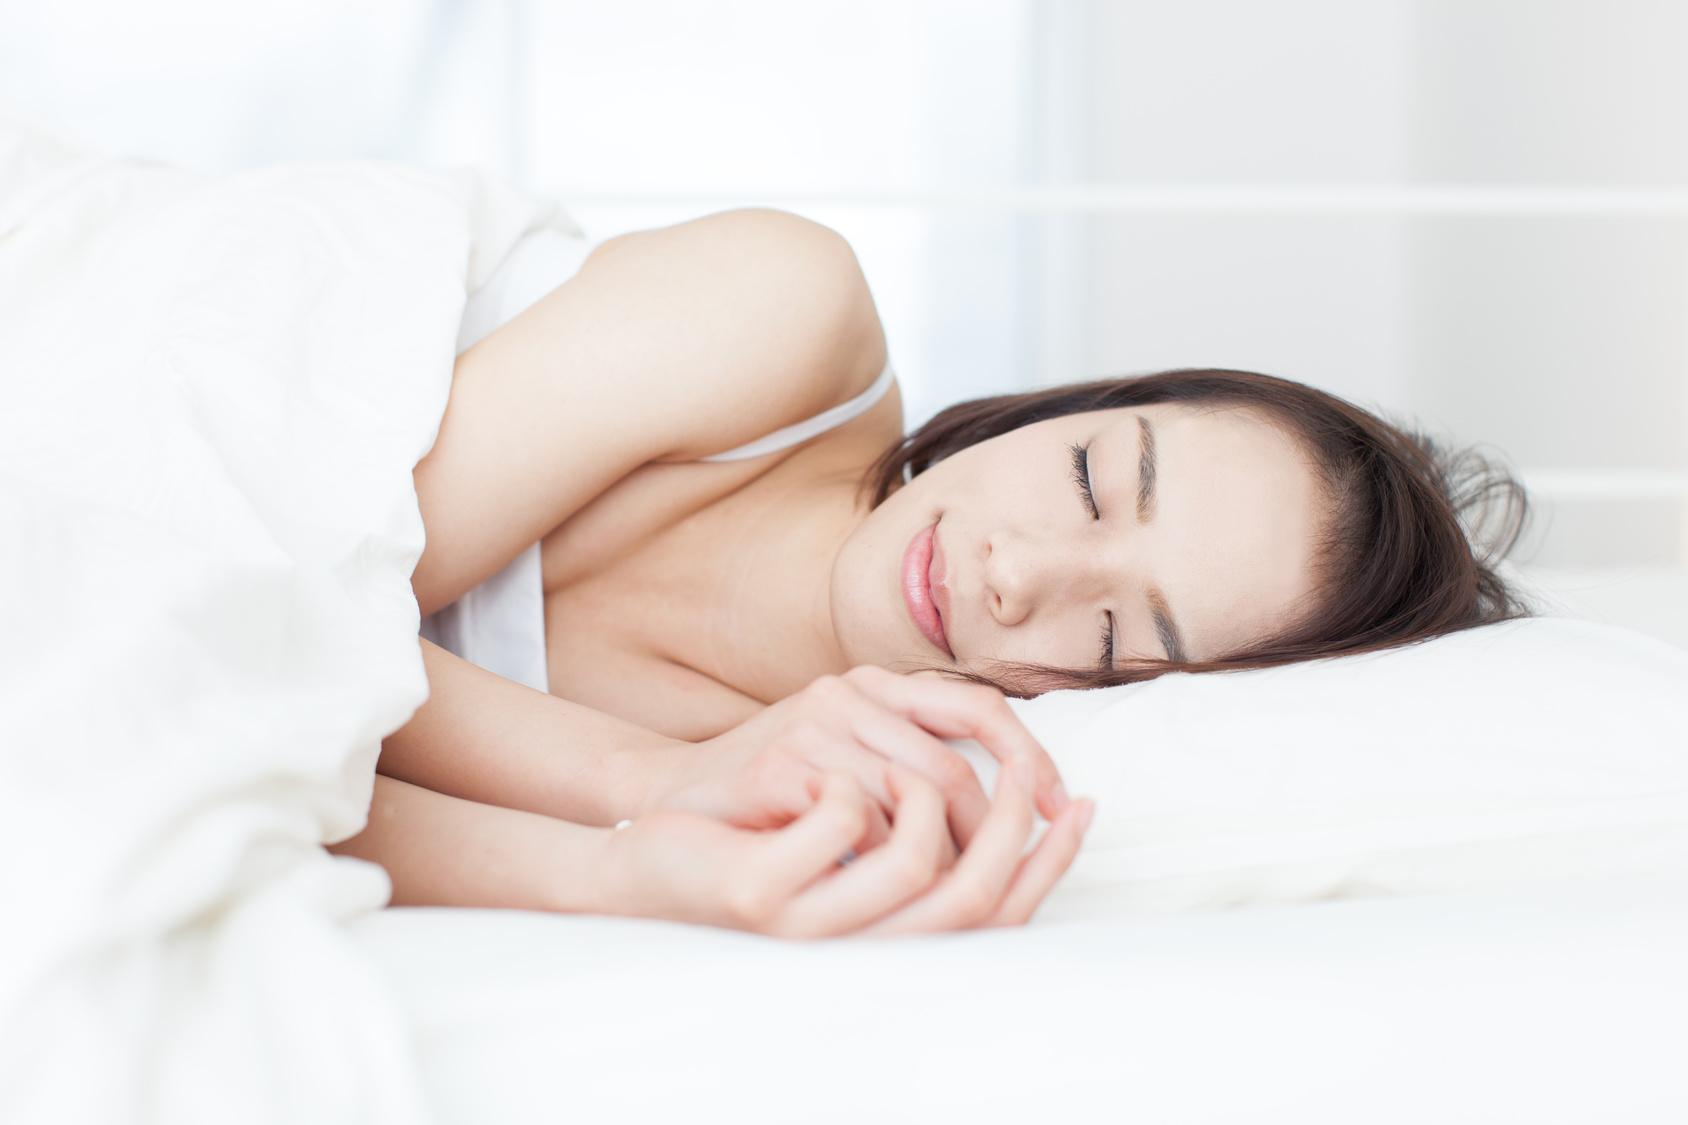 メソセラピー(脂肪溶解注射)の失敗は怖い?